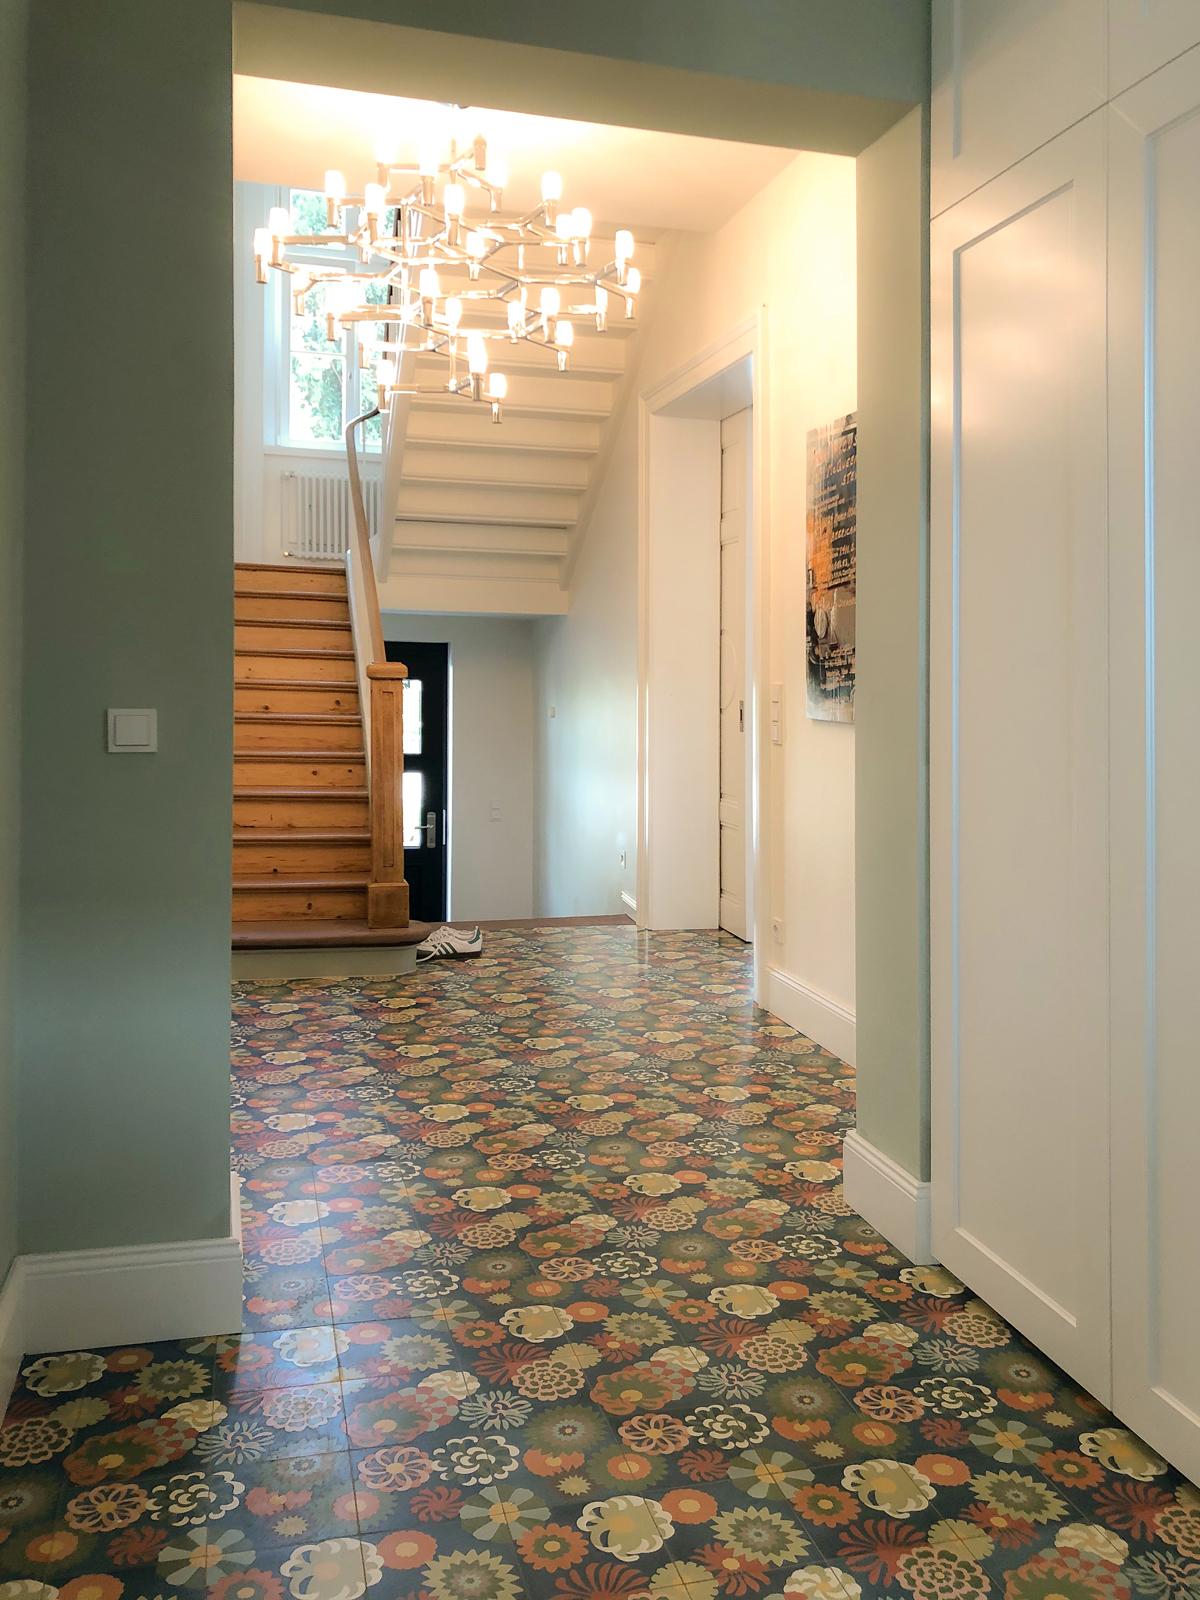 zementmosaikplatten-nr.51078-blumenwiese-flur-viaplatten |